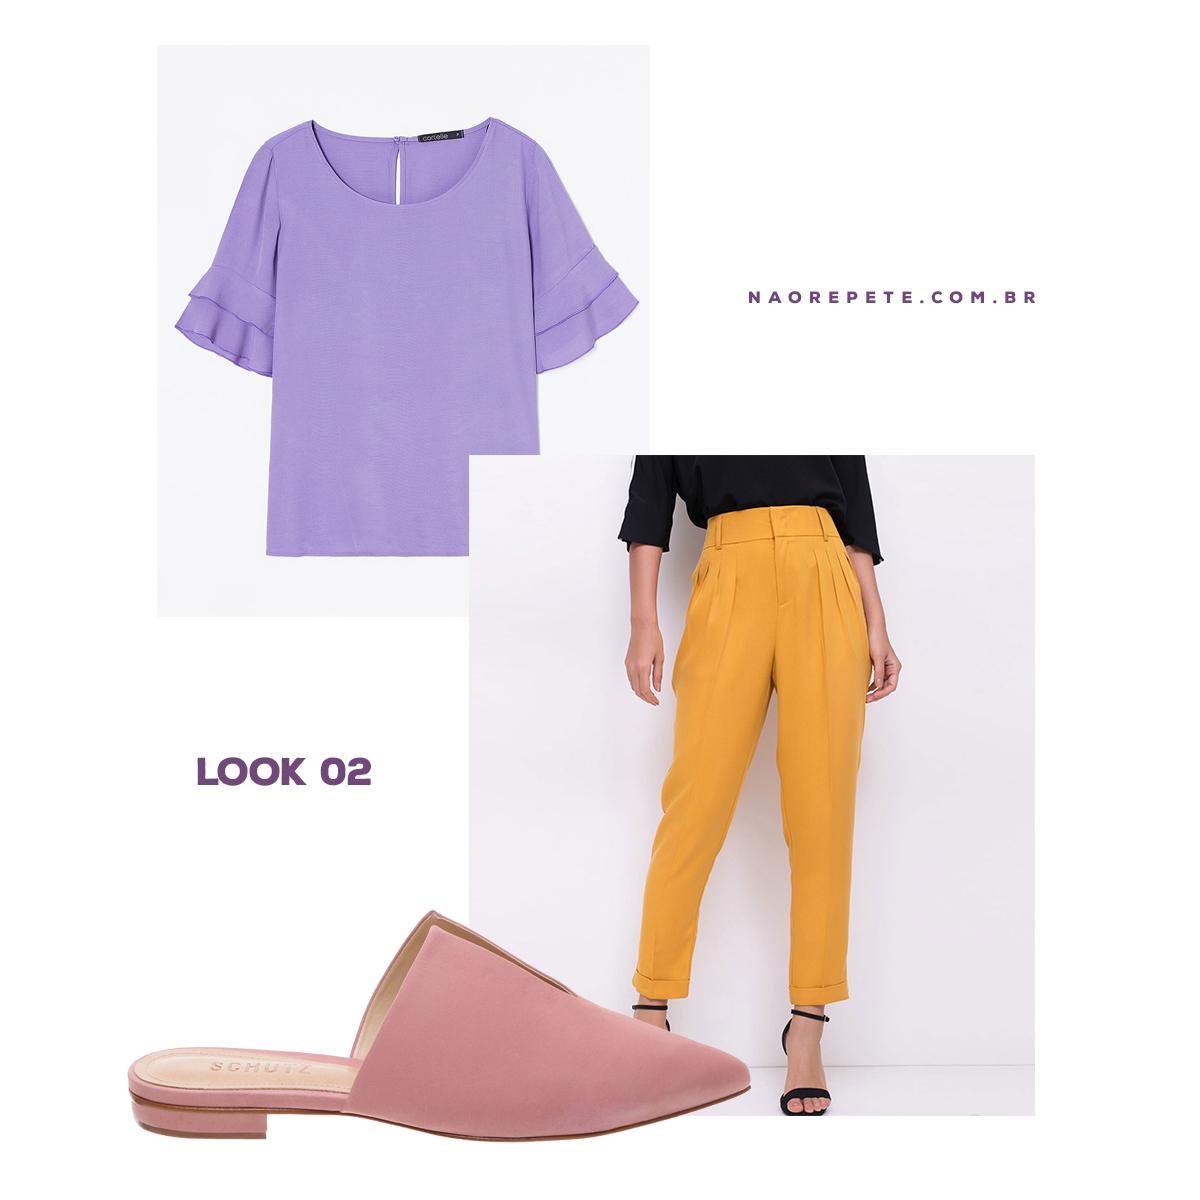 look-anuncio-02